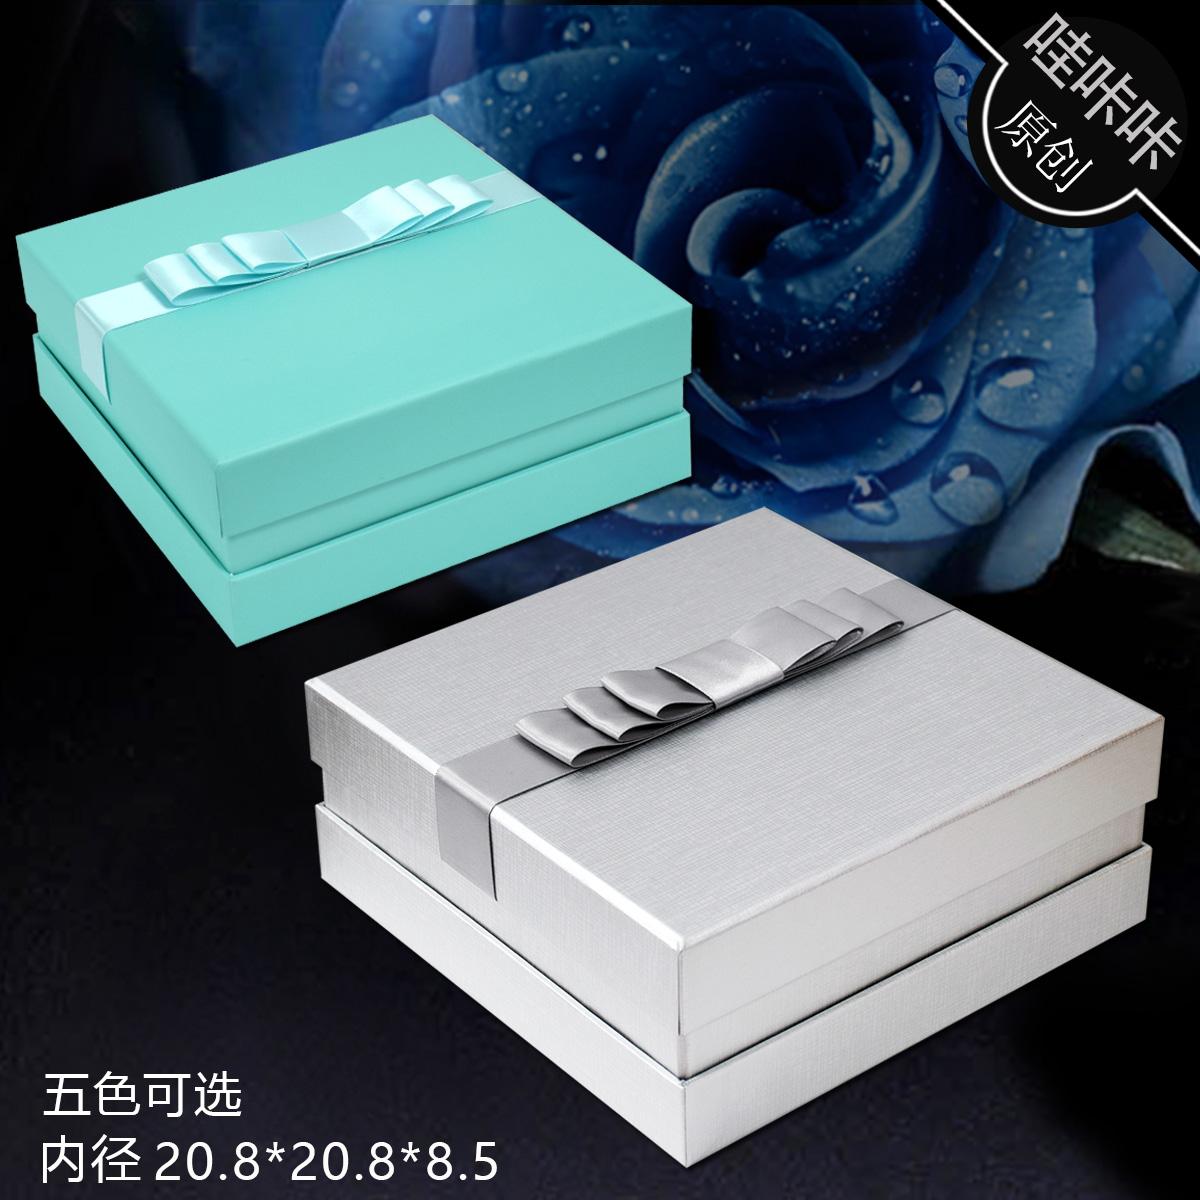 高档礼品盒正方形化妆品口红香水包装盒礼物盒蜂蜜黑枸杞燕窝礼盒图片